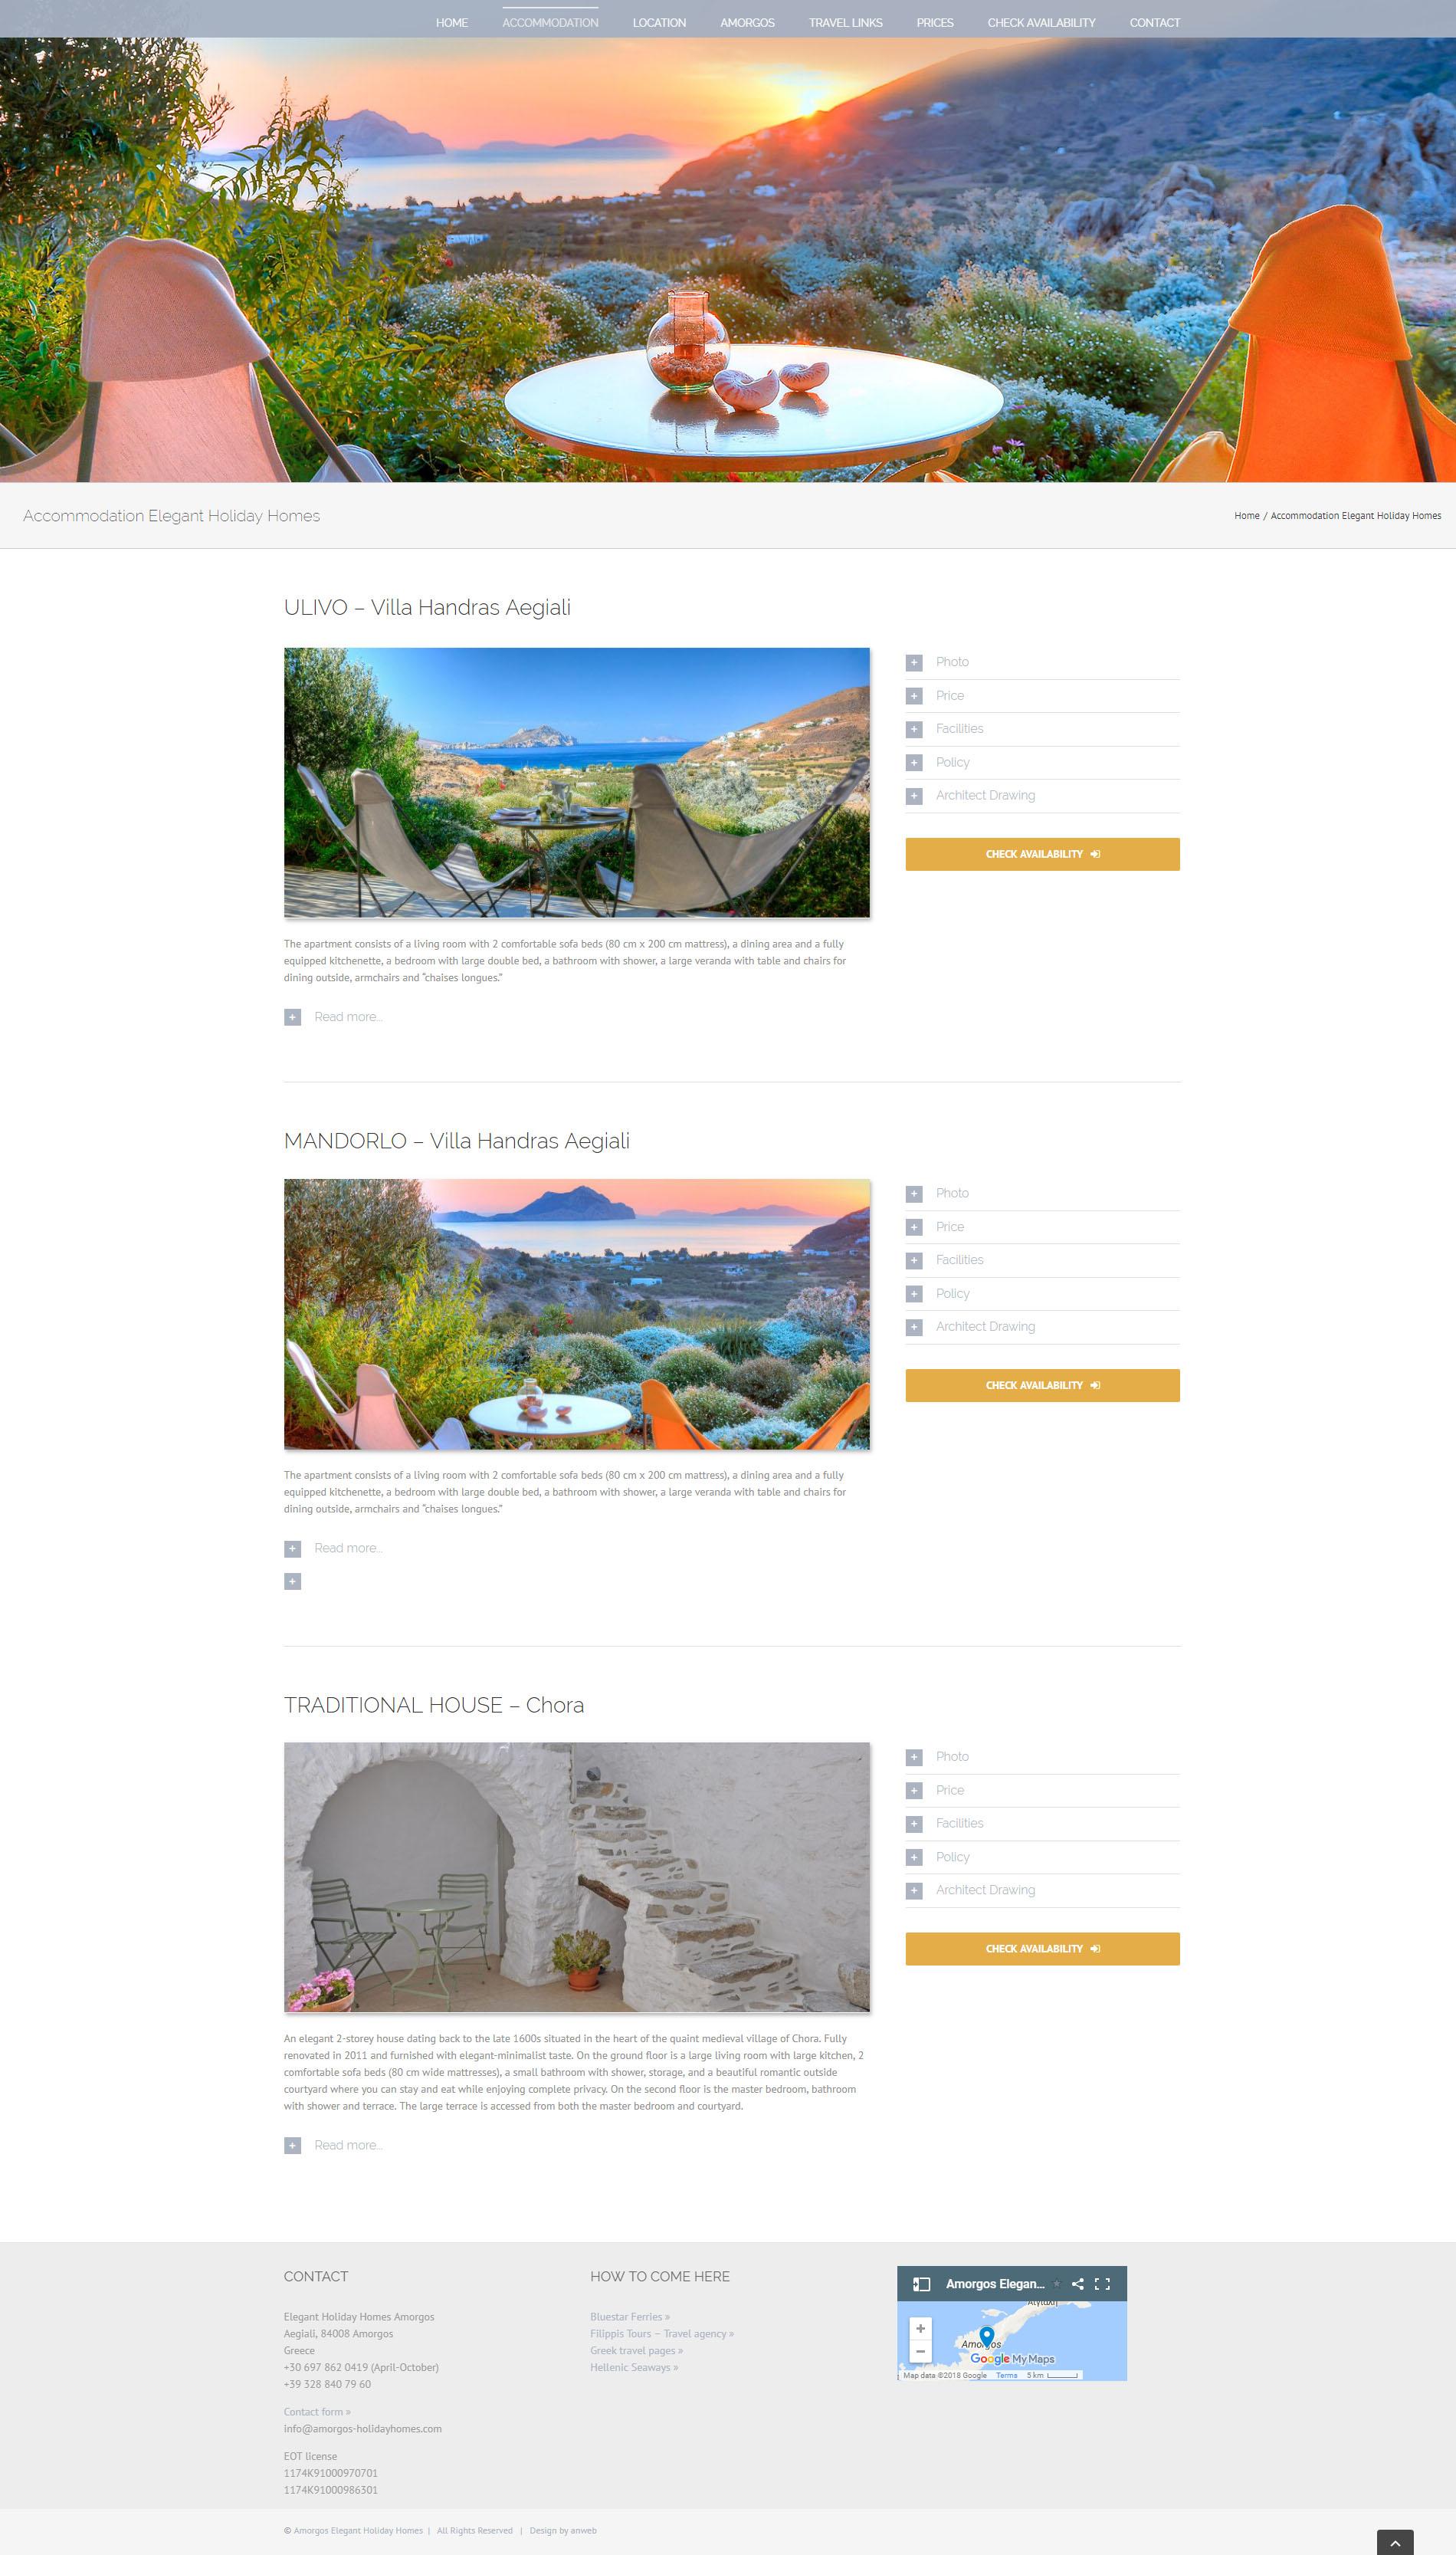 Website Elegant Holiday Homes